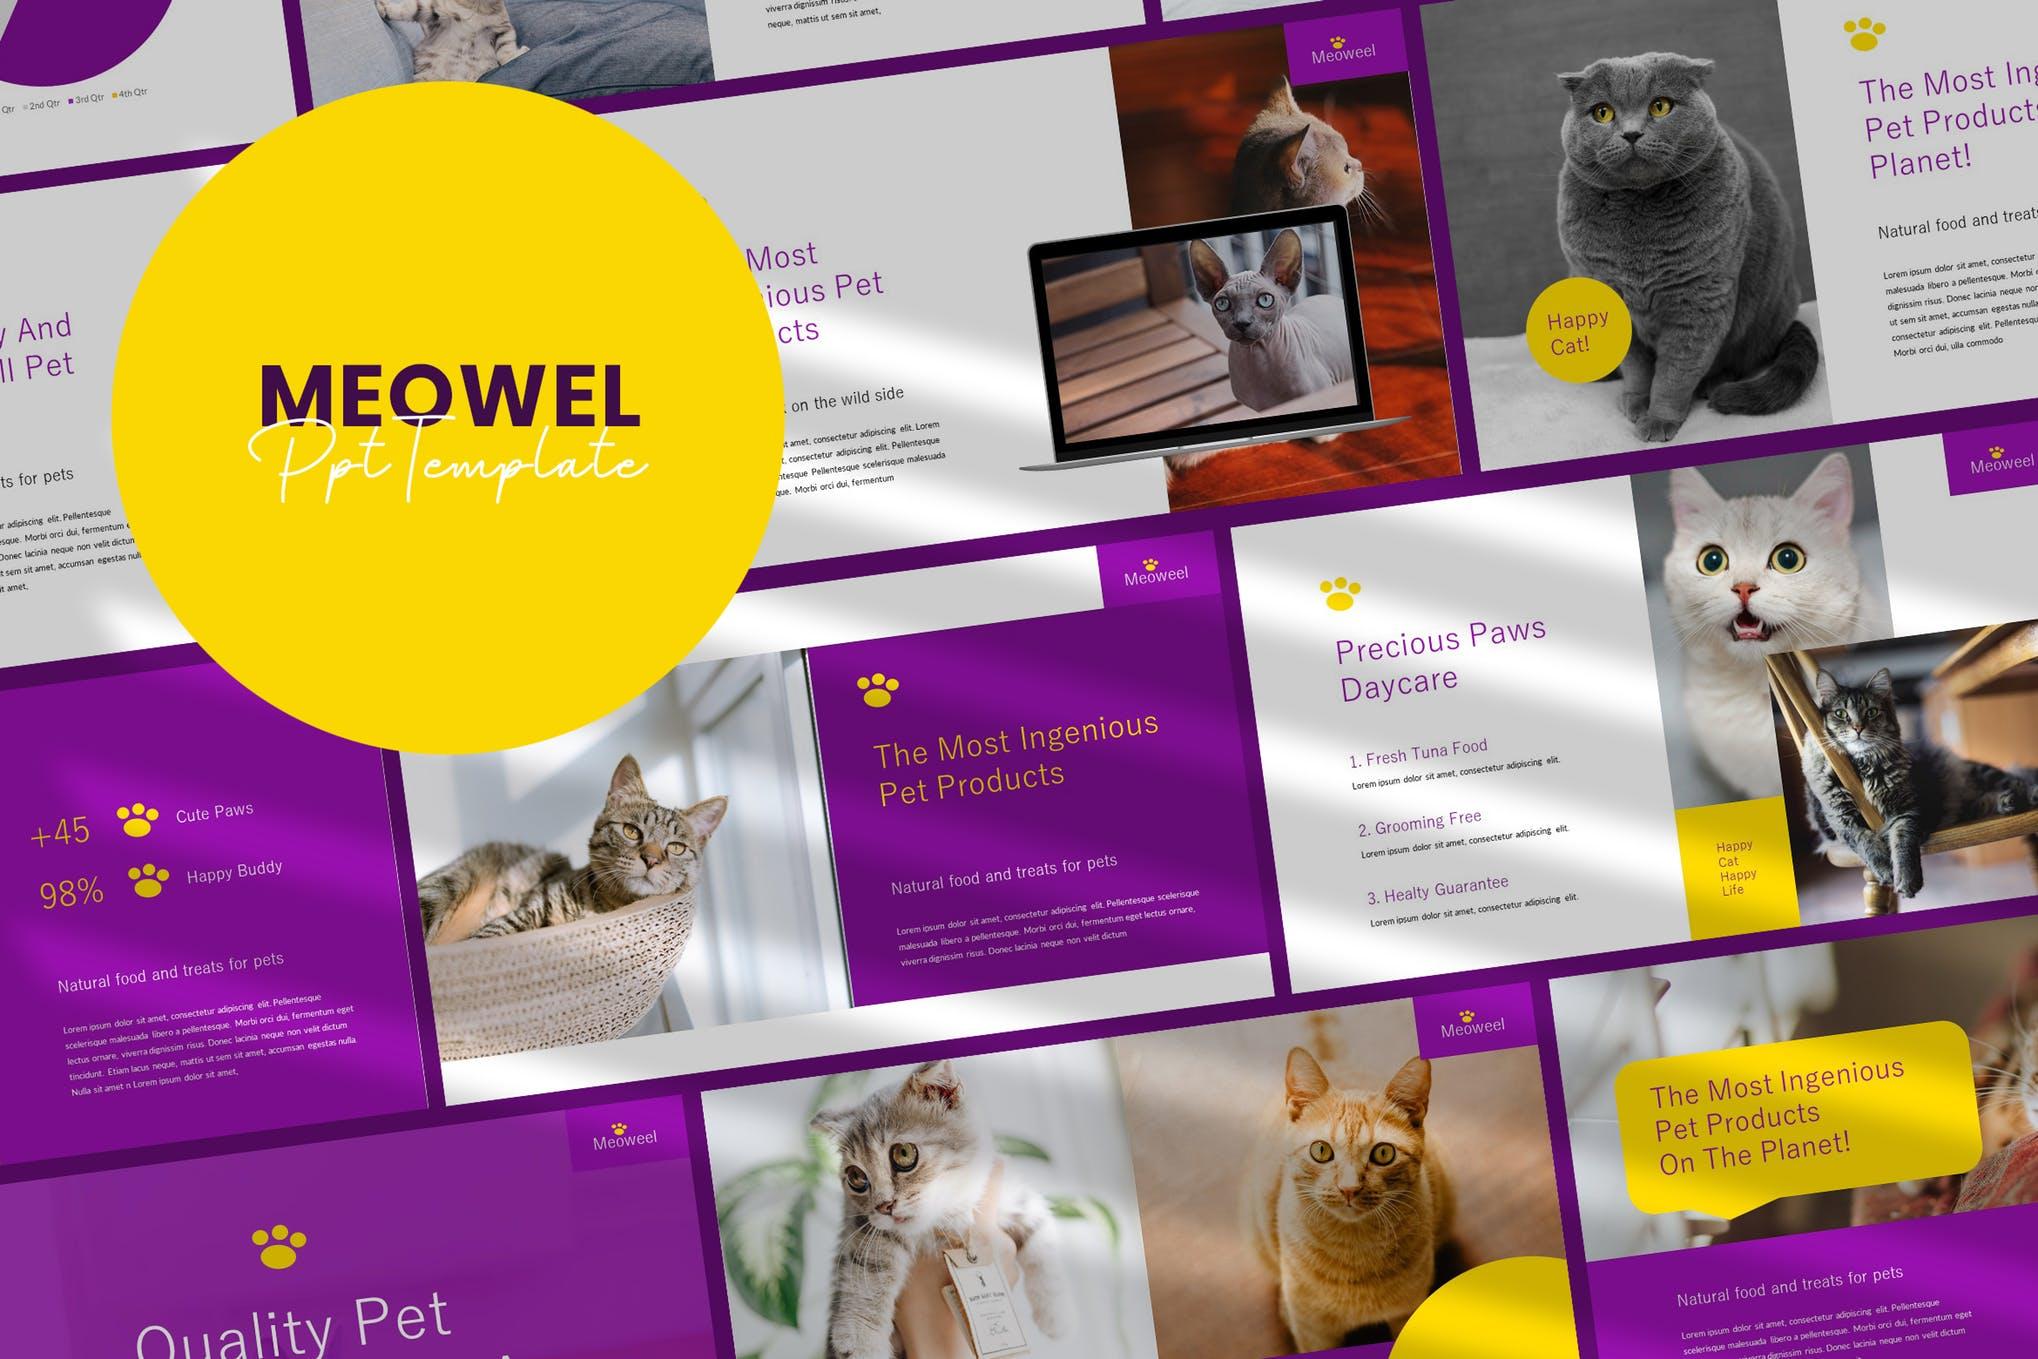 可爱的猫咪宠物店创业营销策划PPT演示文稿模板素材 Meowel – Powerpoint Presentation Template插图